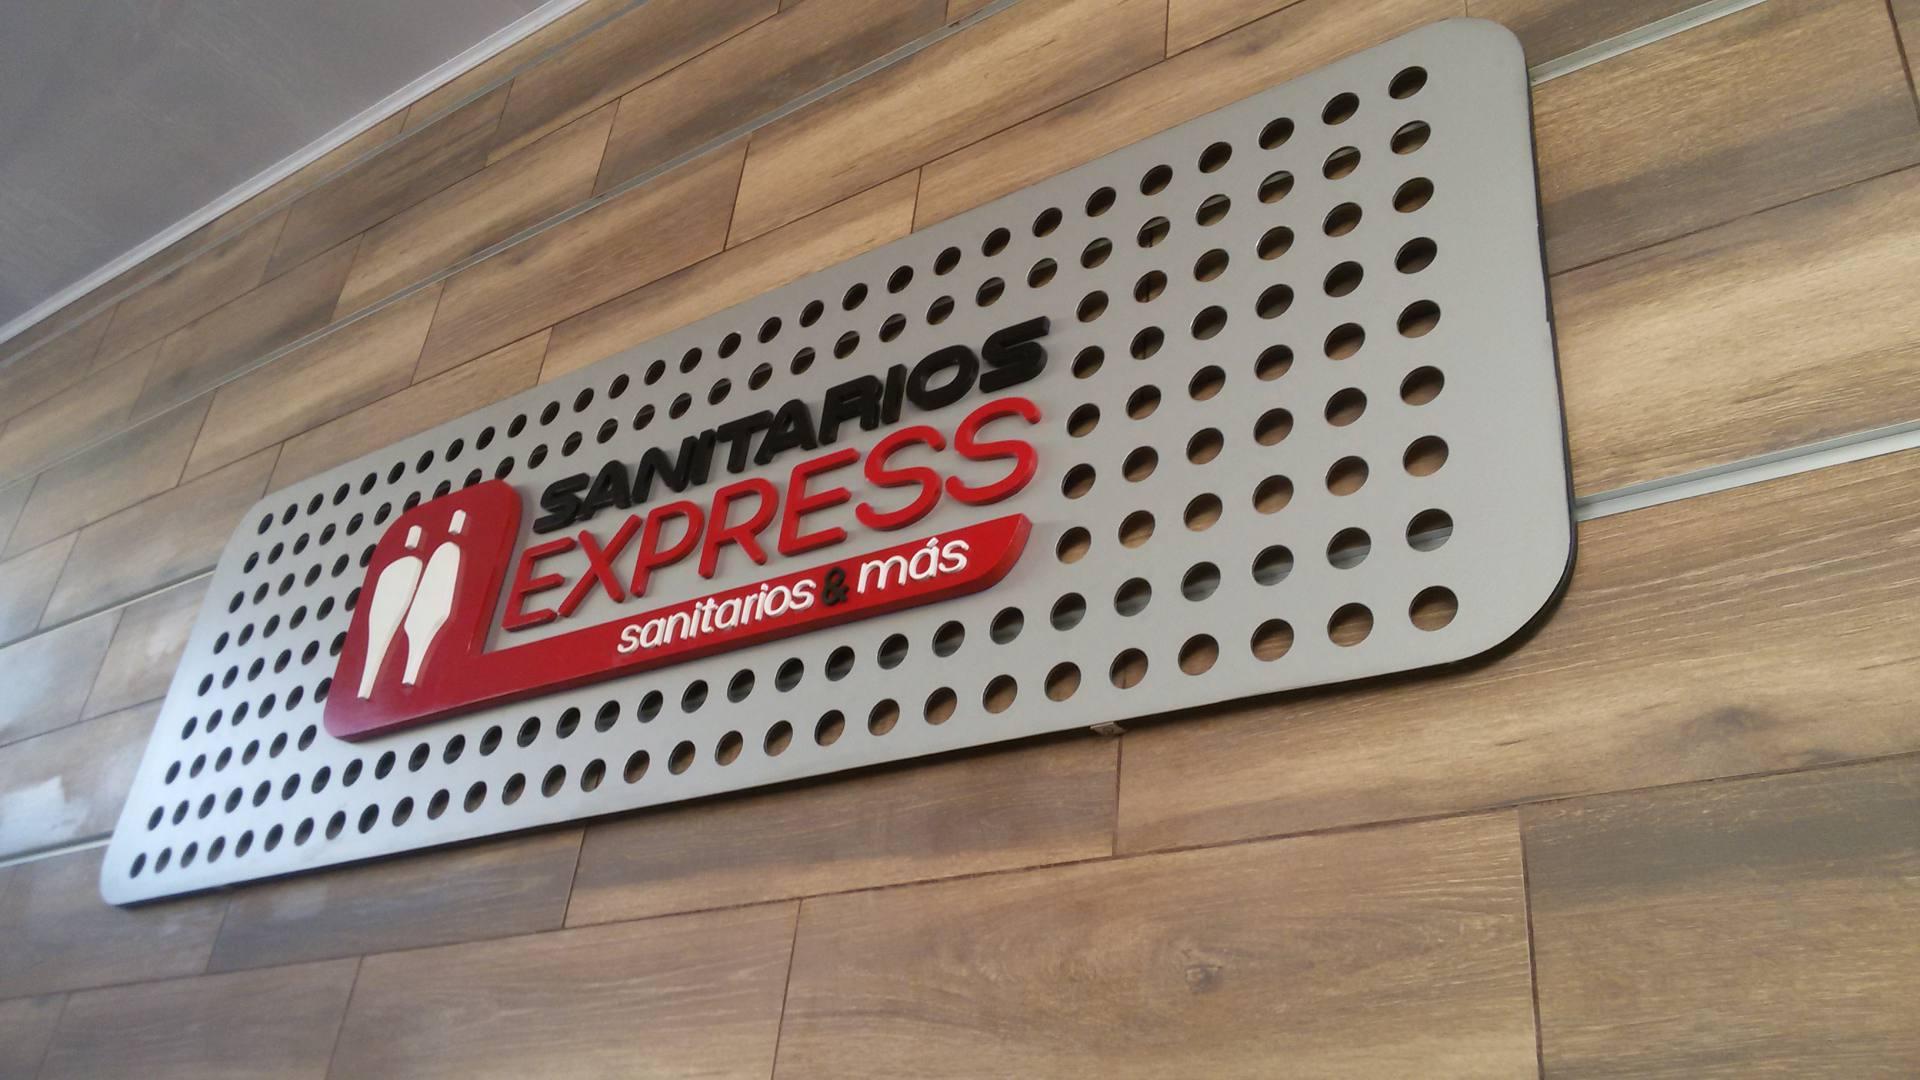 Sanitarios Express